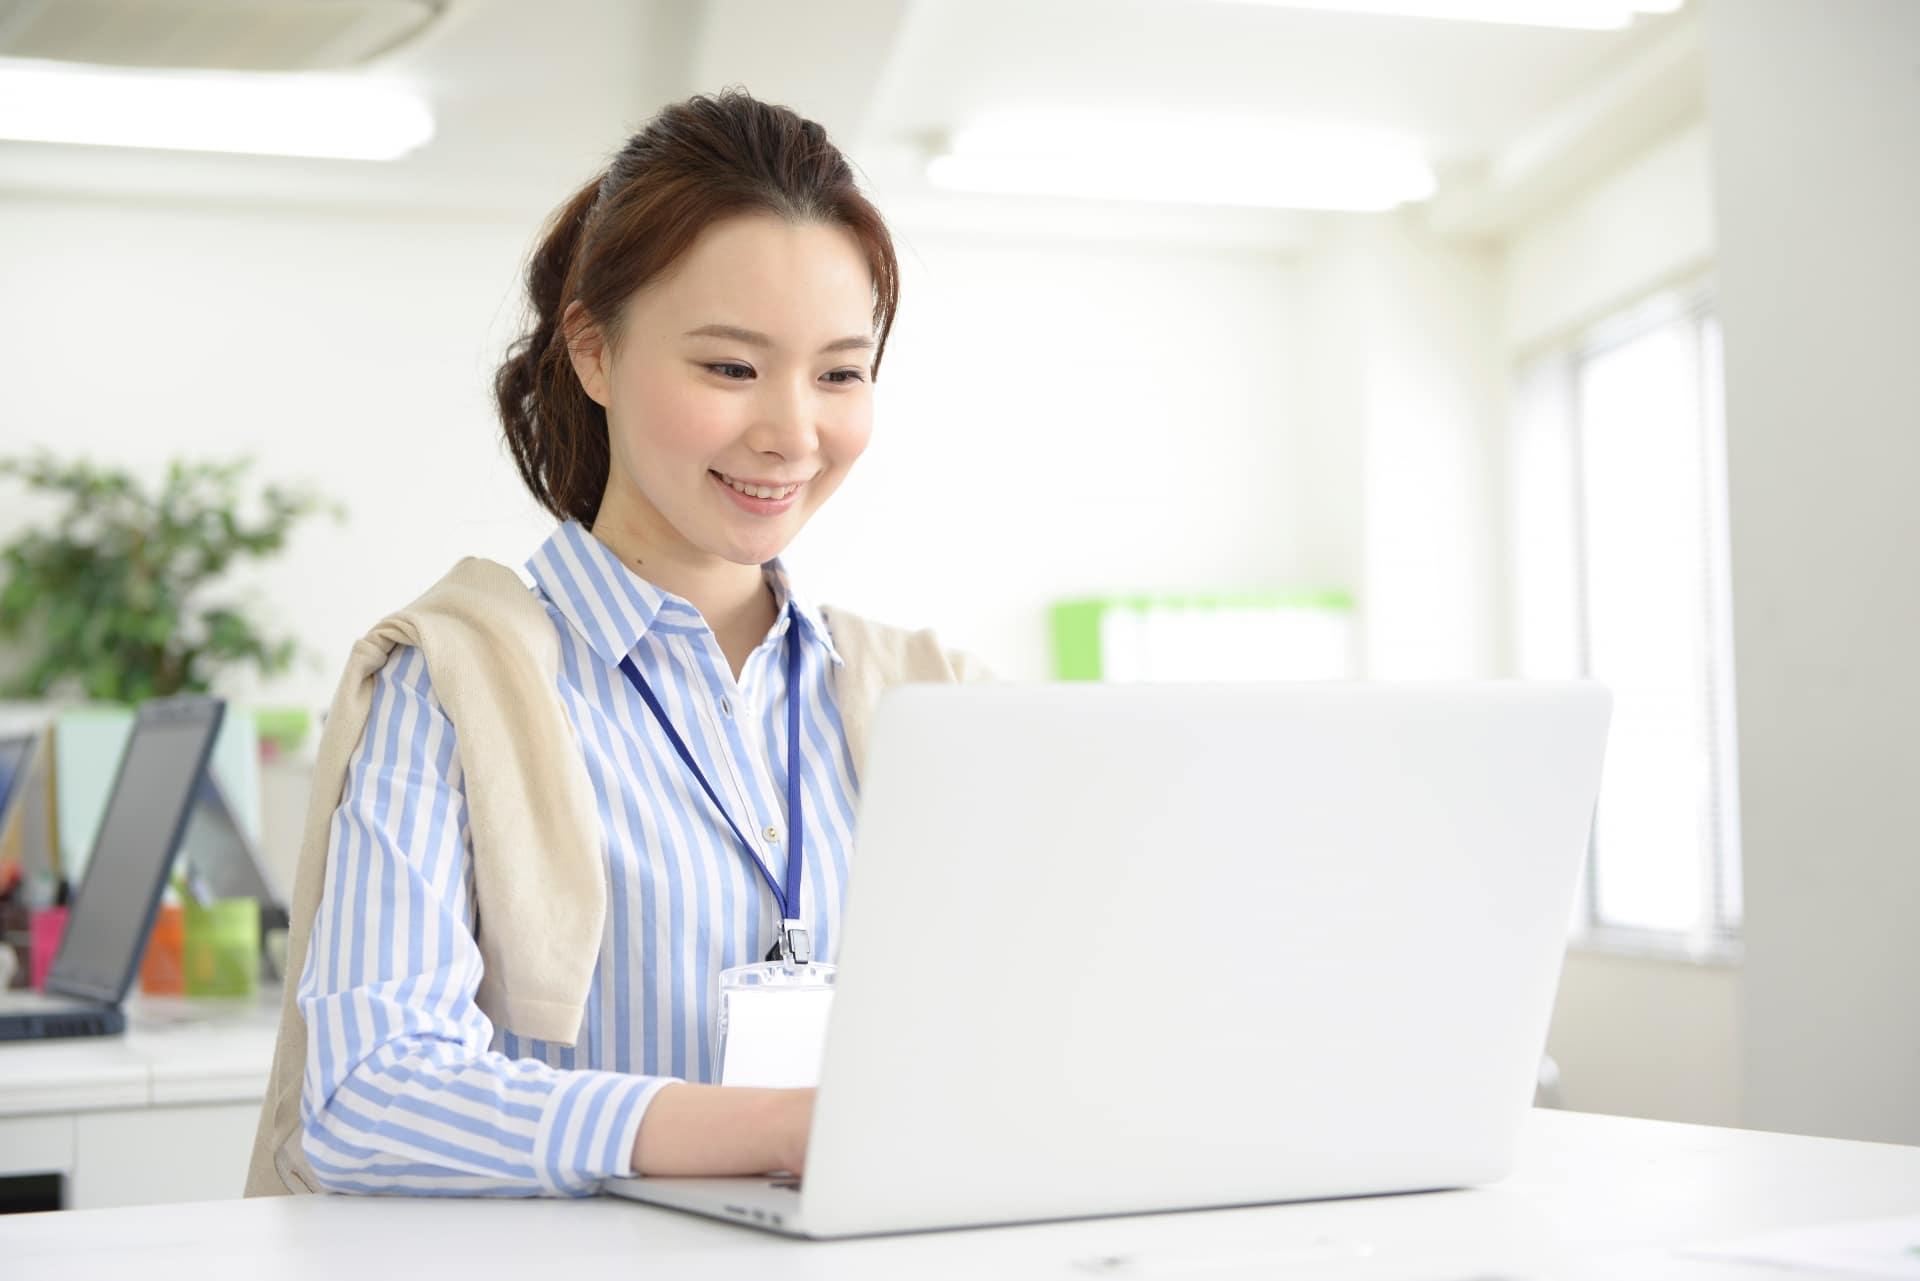 パソコンで仕事をする女性の画像